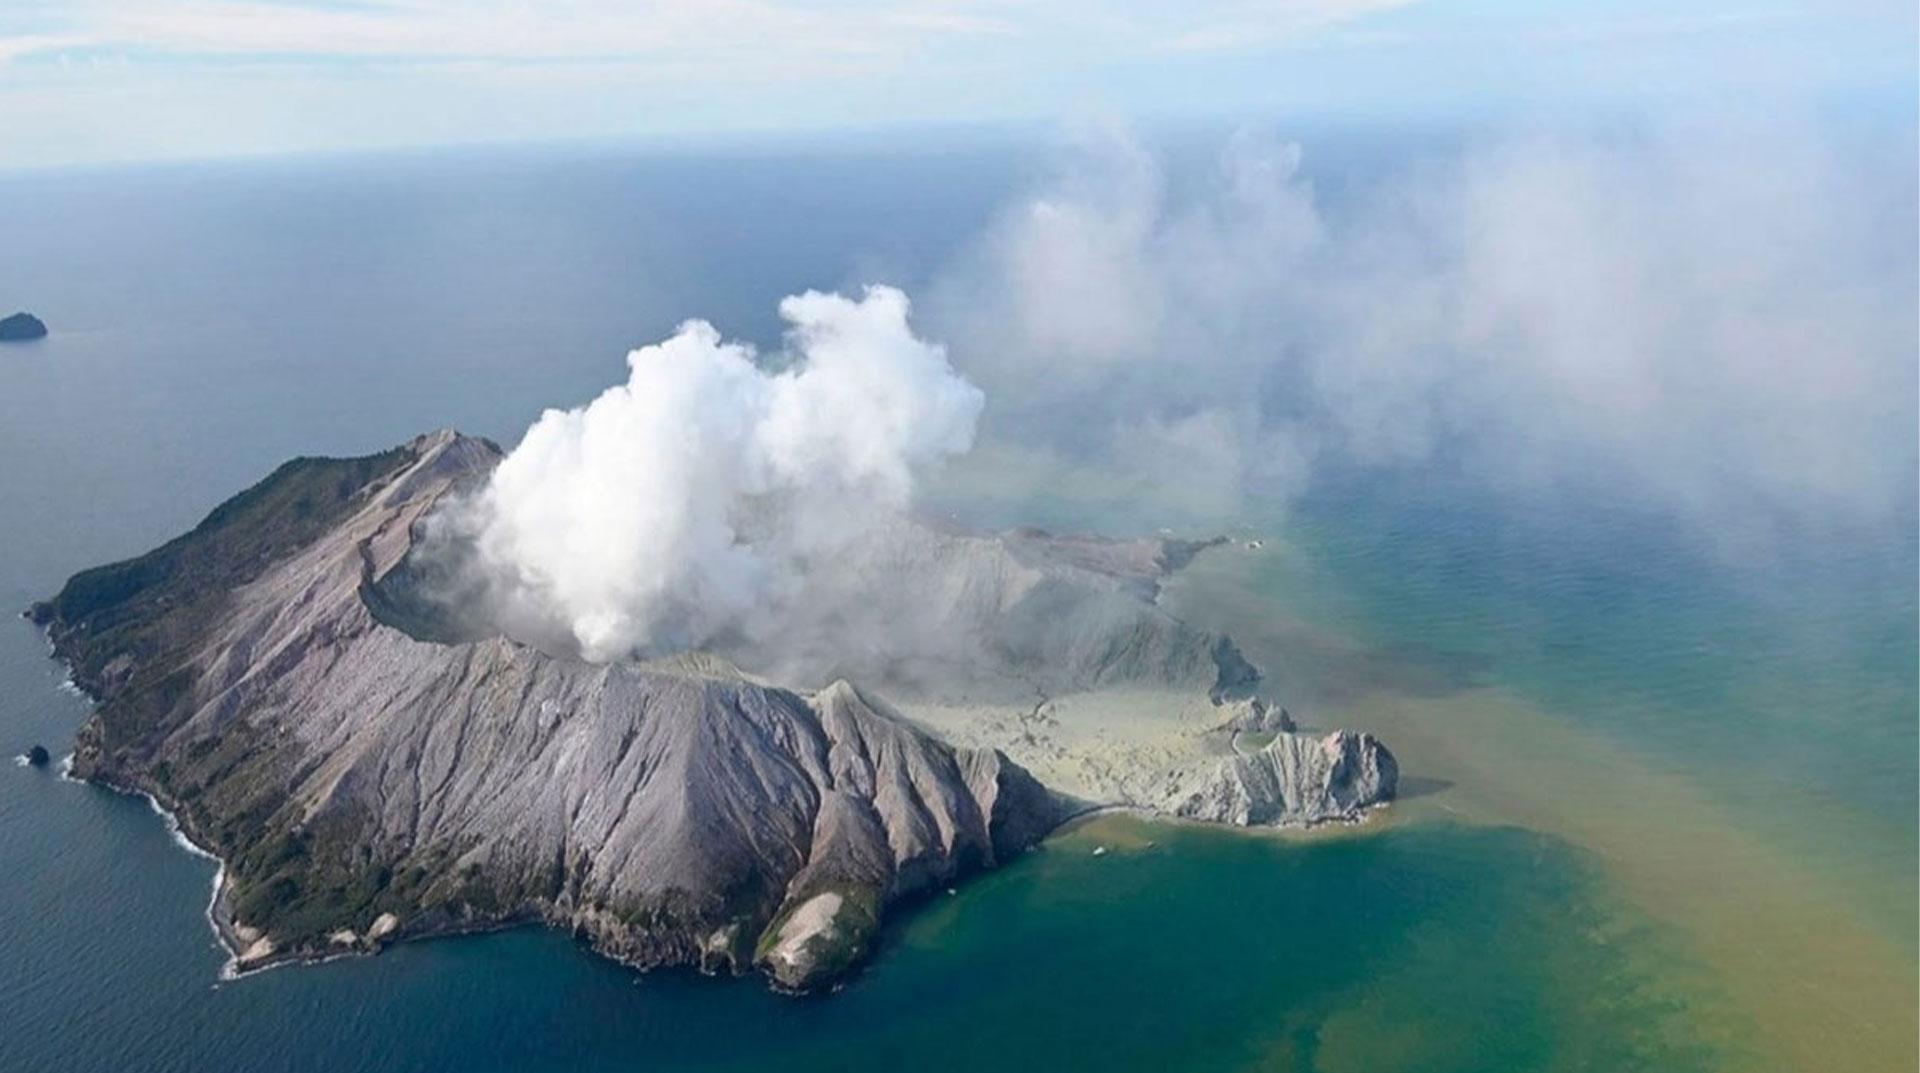 Yeni Zelanda'da Yanardağ Patlamasında Ölü Sayısı 20'ye Yükseldi